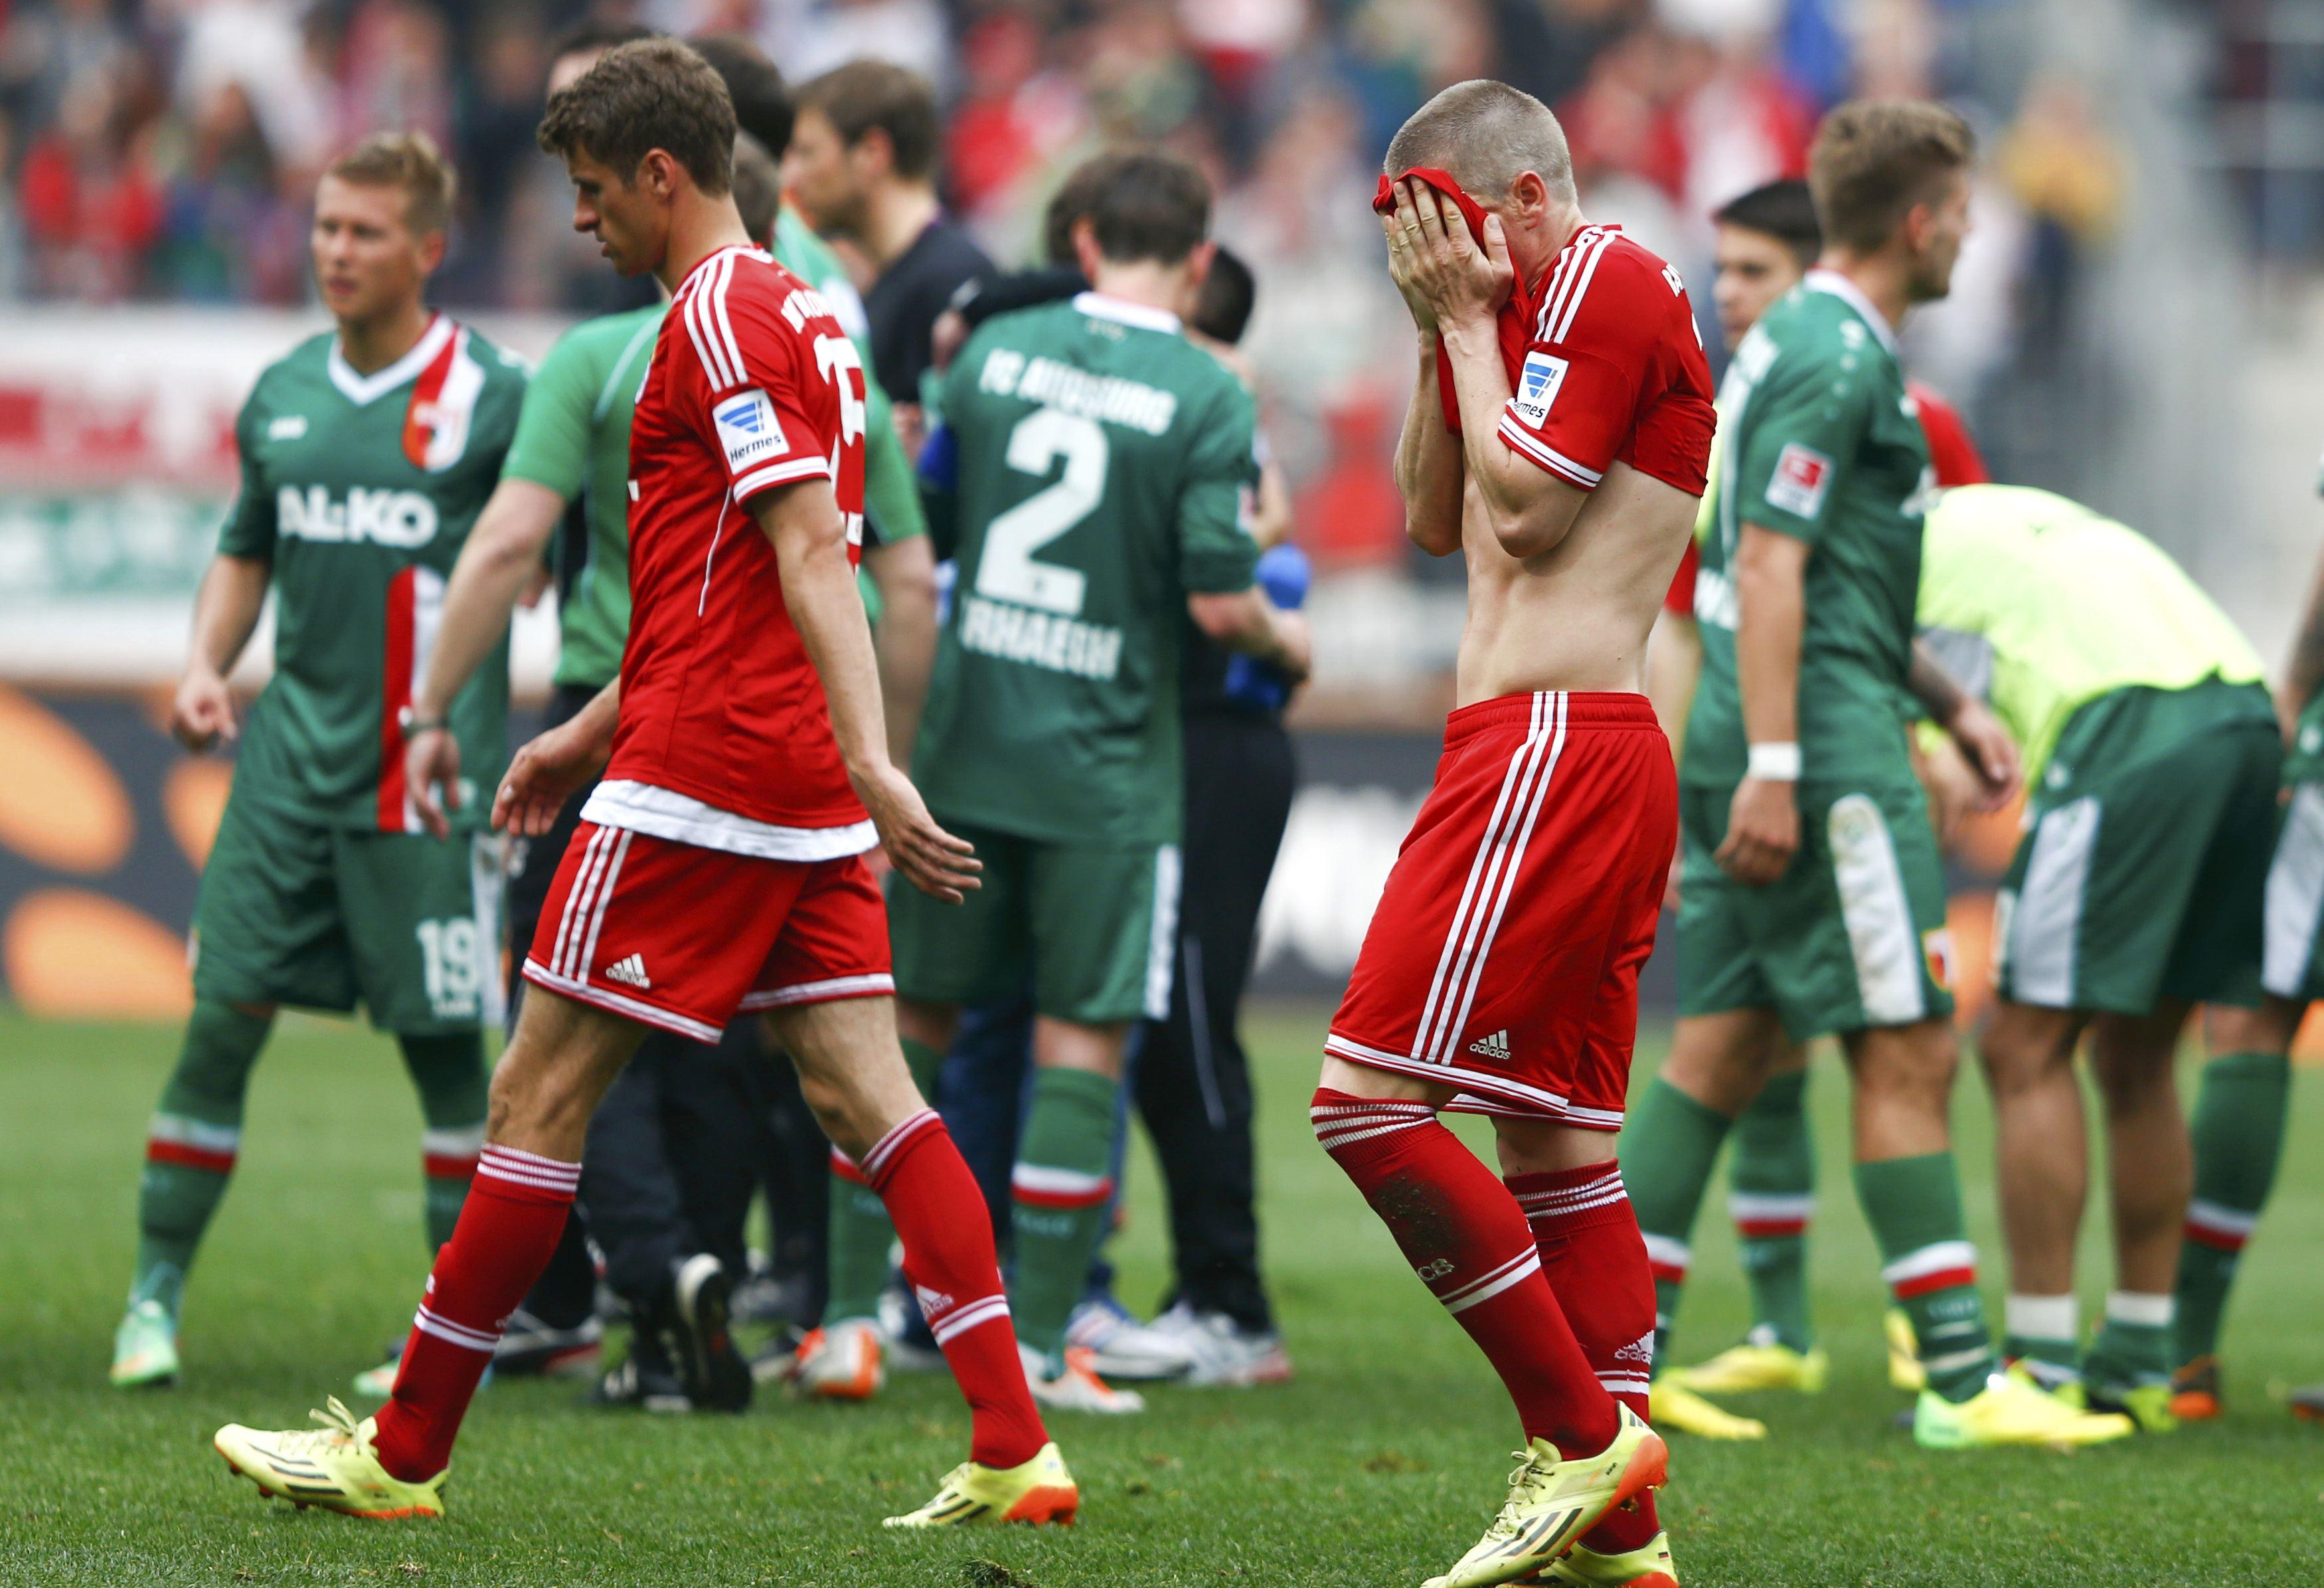 Jogadores do Bayern de Munique deixam o gramado após derrota para o Augsburg